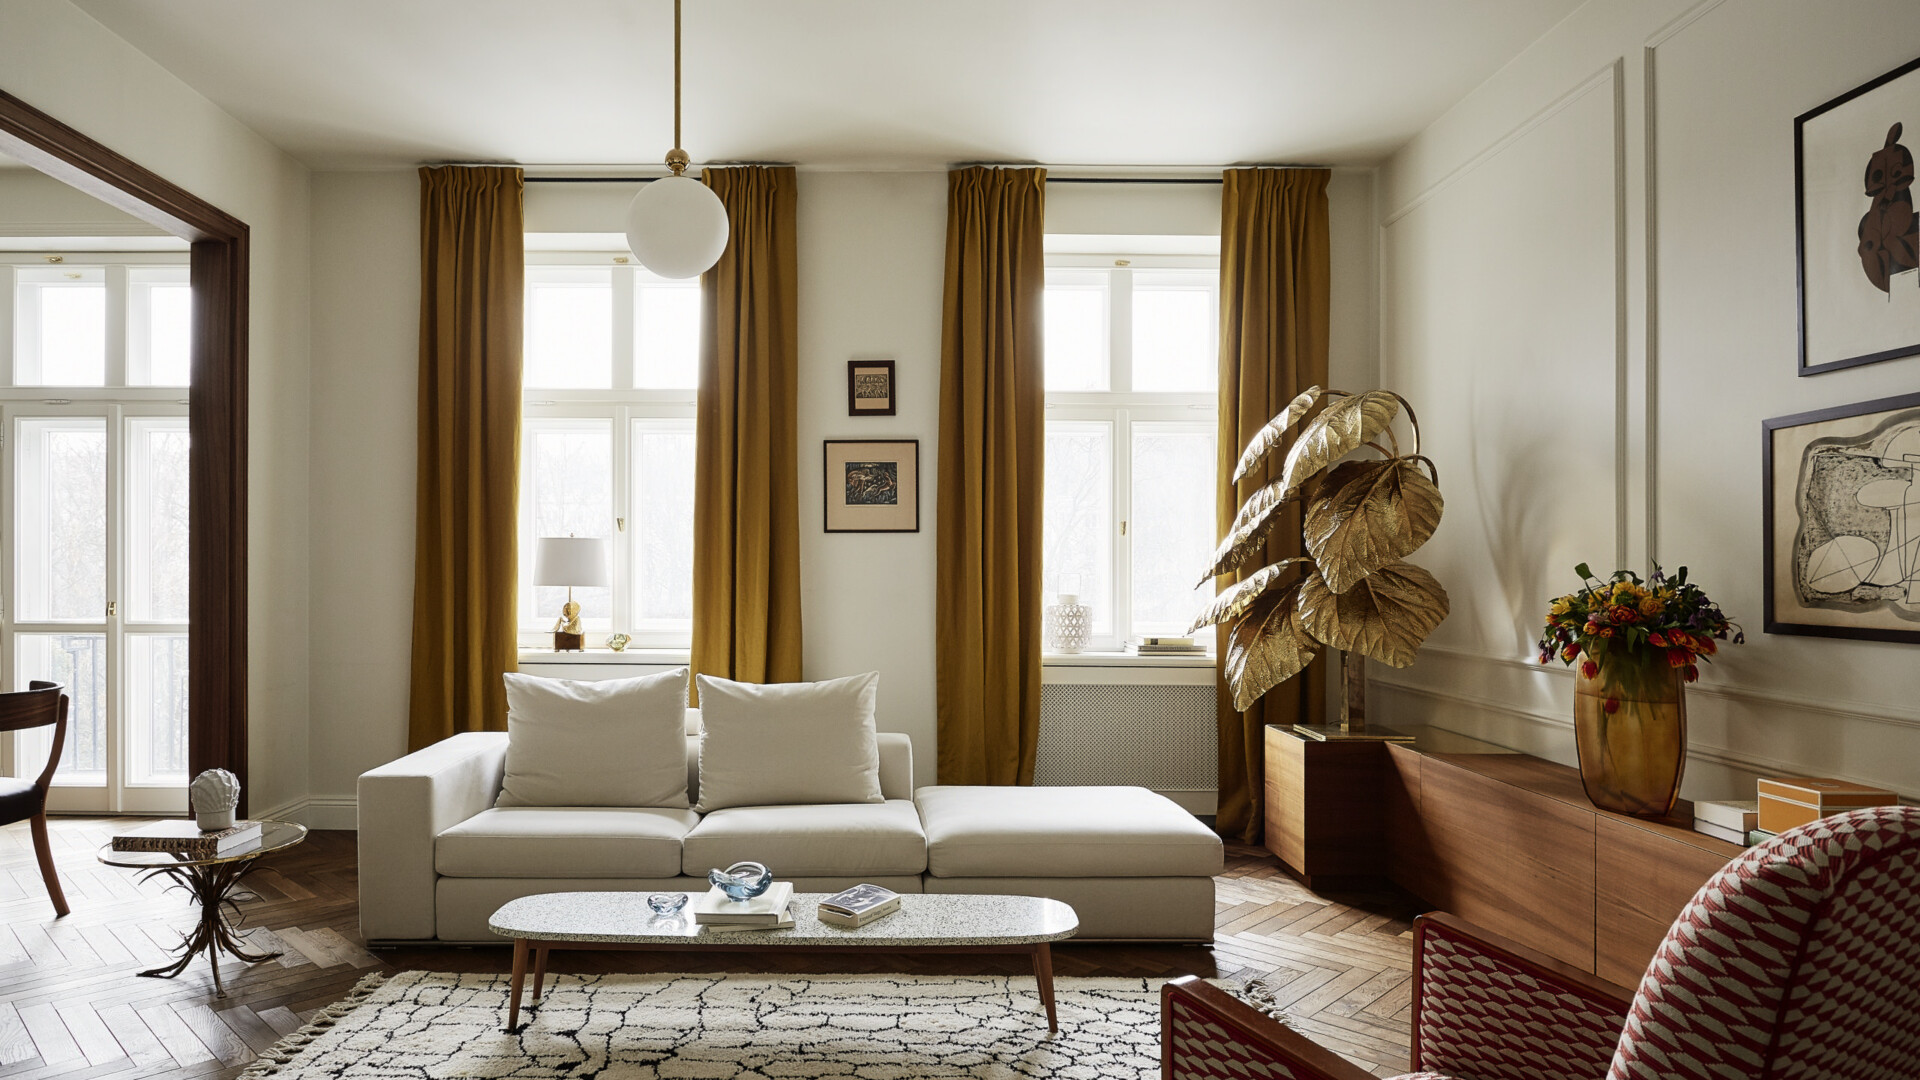 Rozbrat 98. Wysmakowane wnętrza w przedwojennym apartamencie w sercu Warszawy